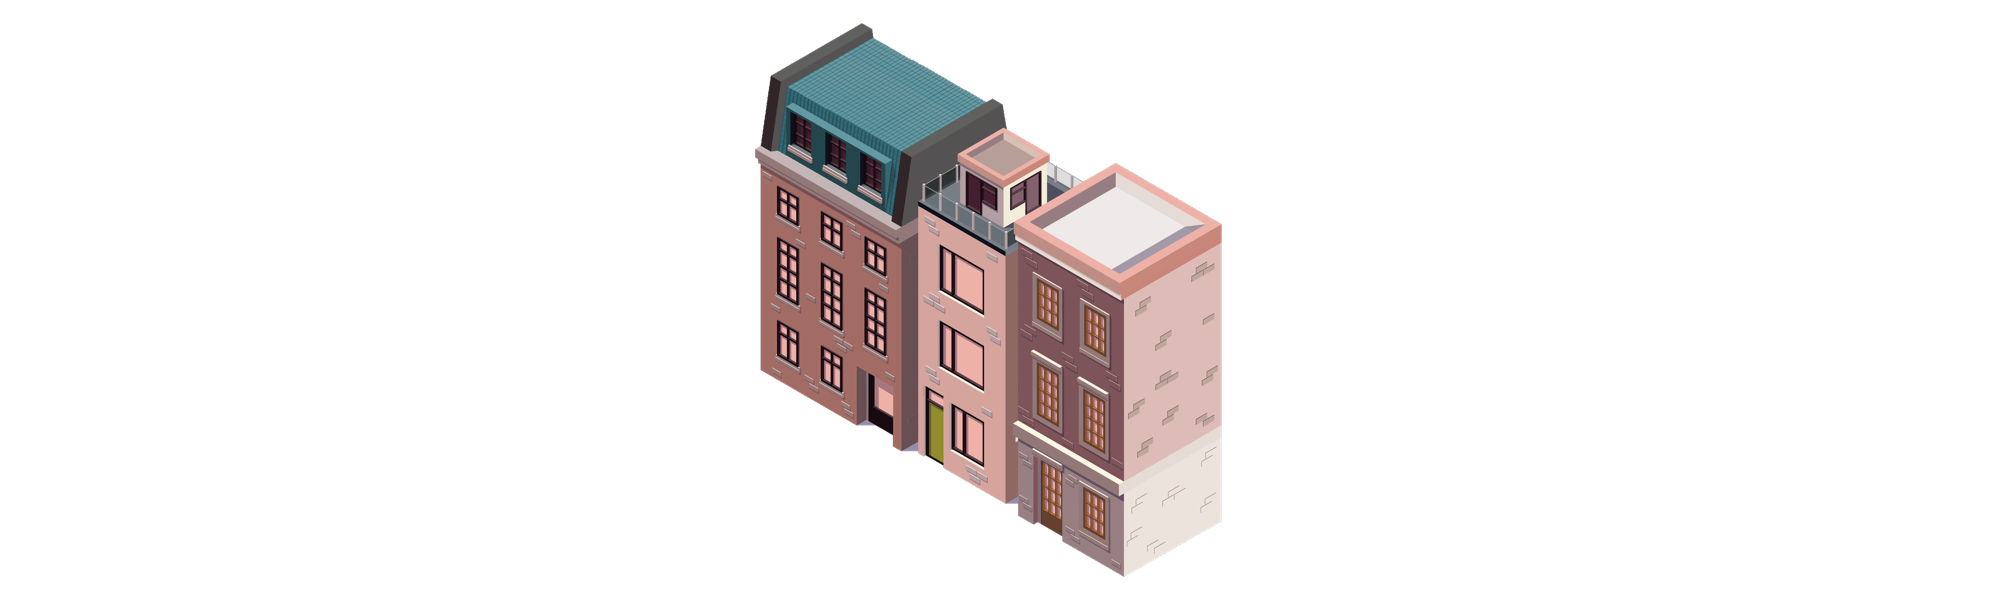 Trois immeubles mitoyens faisant partie du Plan Local d'Urbanisme qu'il faut étudier pour un investissement immobilier